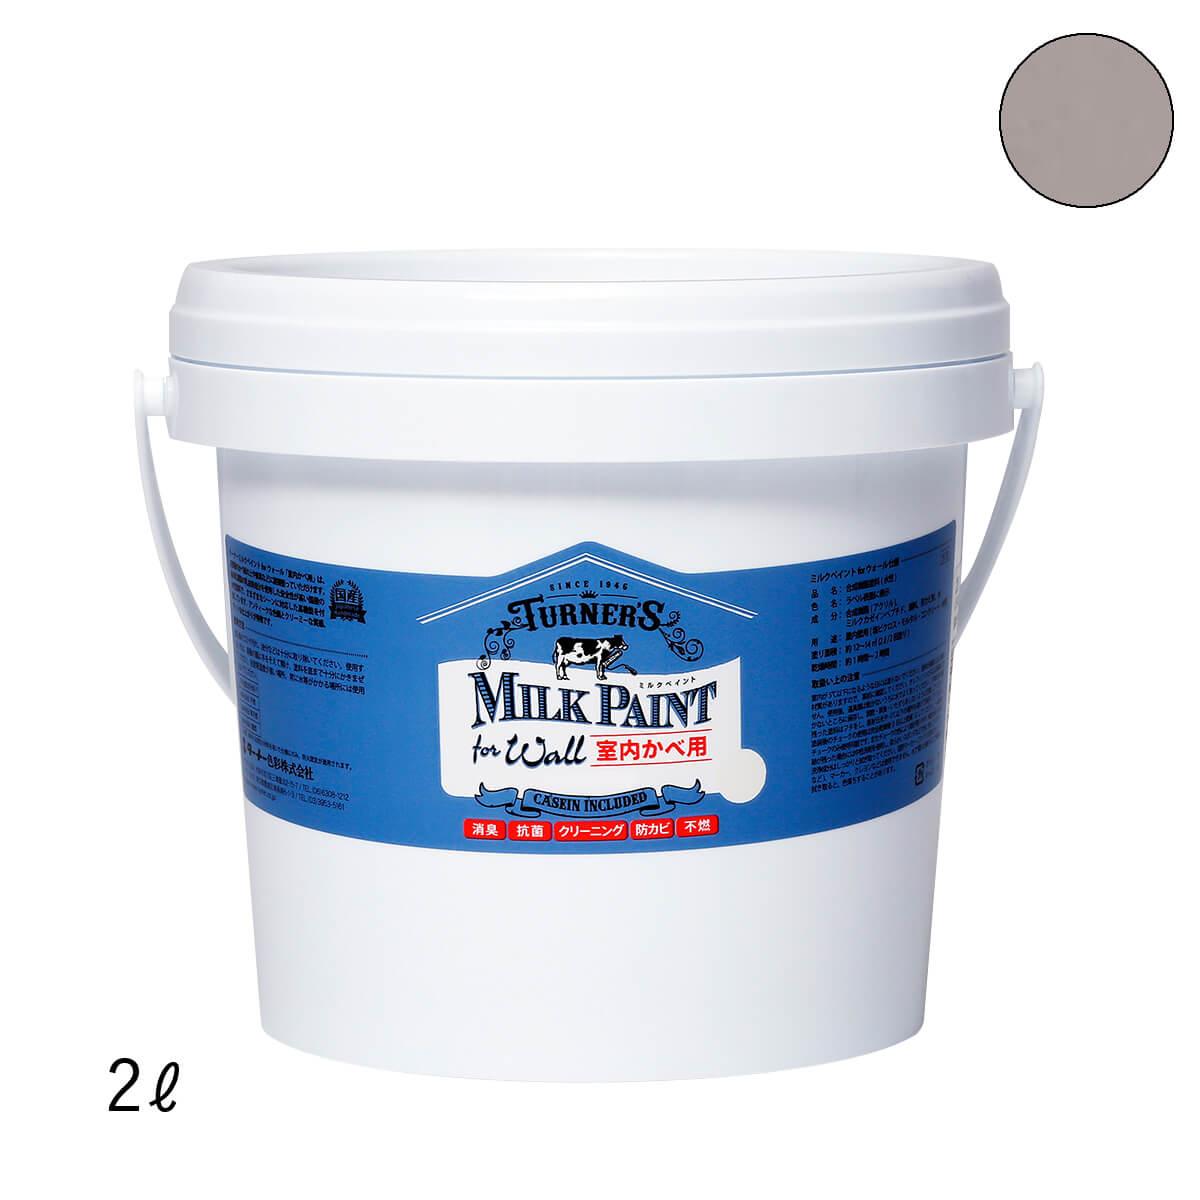 ミルクペイント 室内壁用塗料 カントリーロード 2L